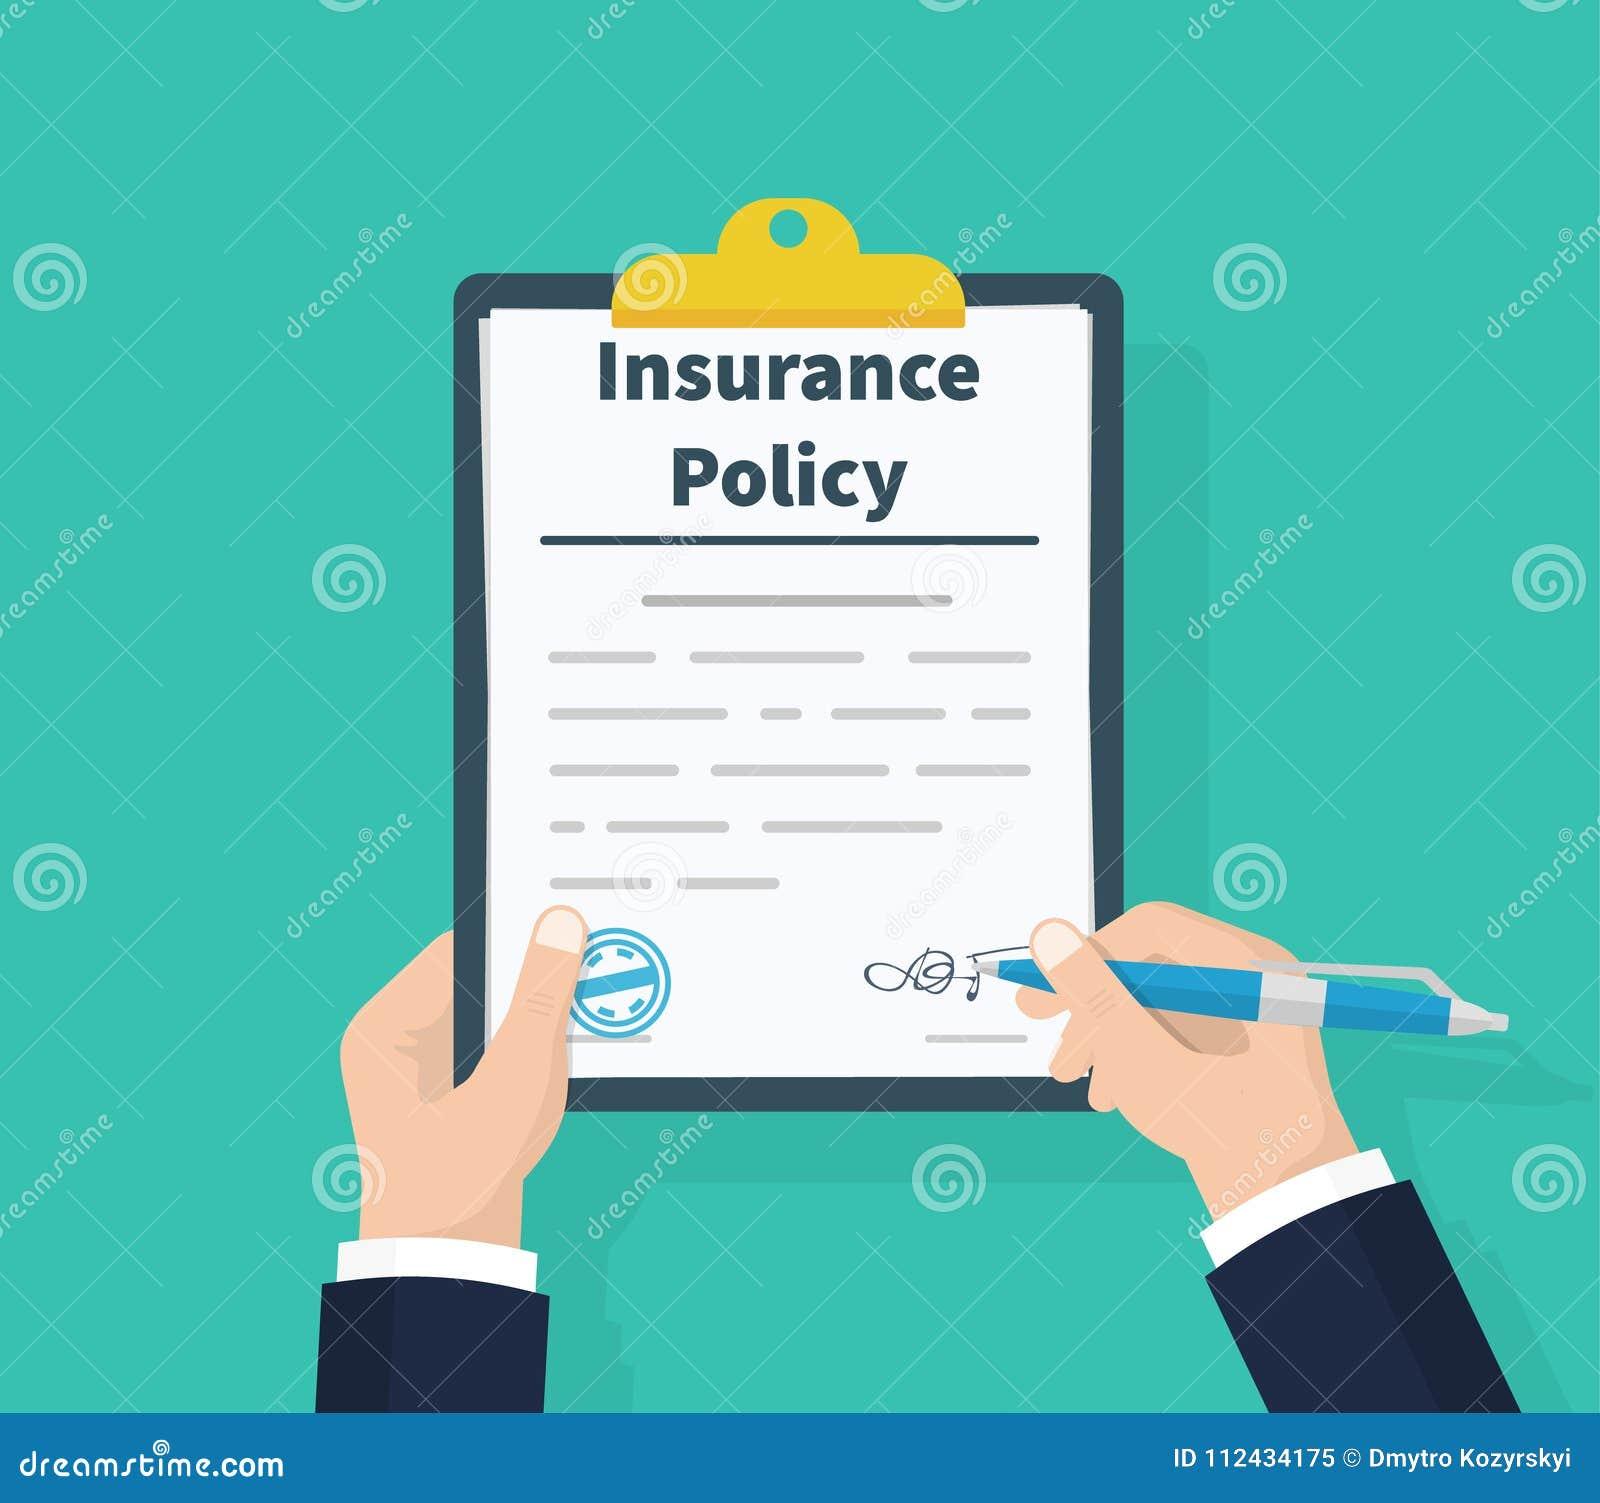 保险单 拿着剪贴板手中 人署名形式 索赔表 文件保护物产 解剖学